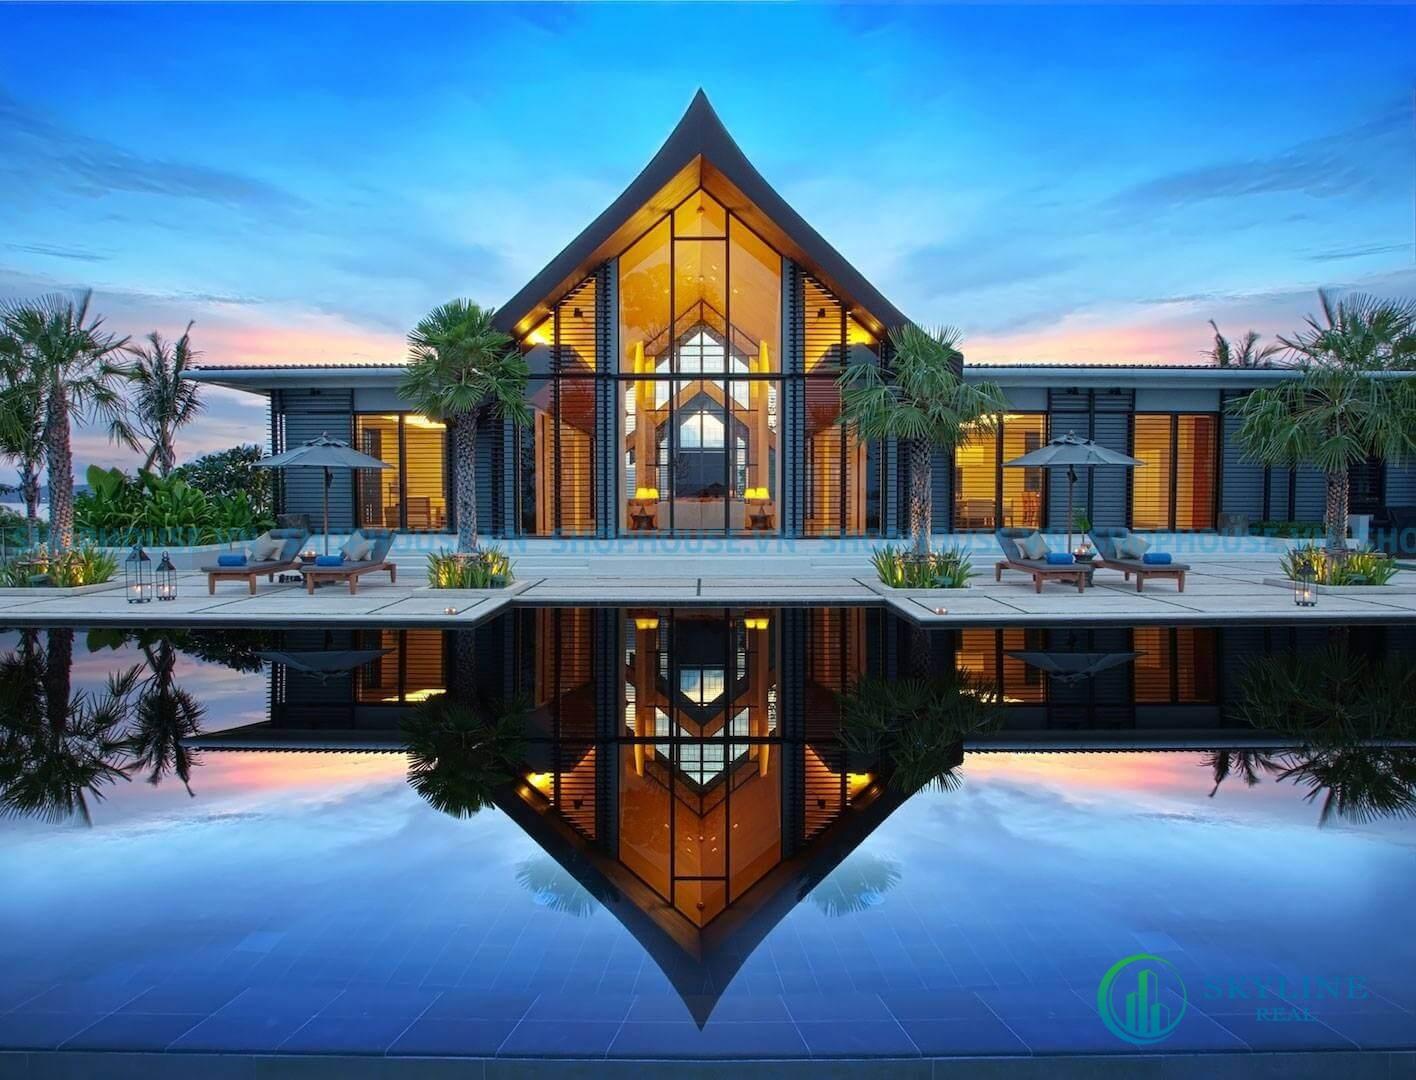 Thiết kế hiện đại mang chất nghỉ dưỡng tại NovaWorld Đà Lạt